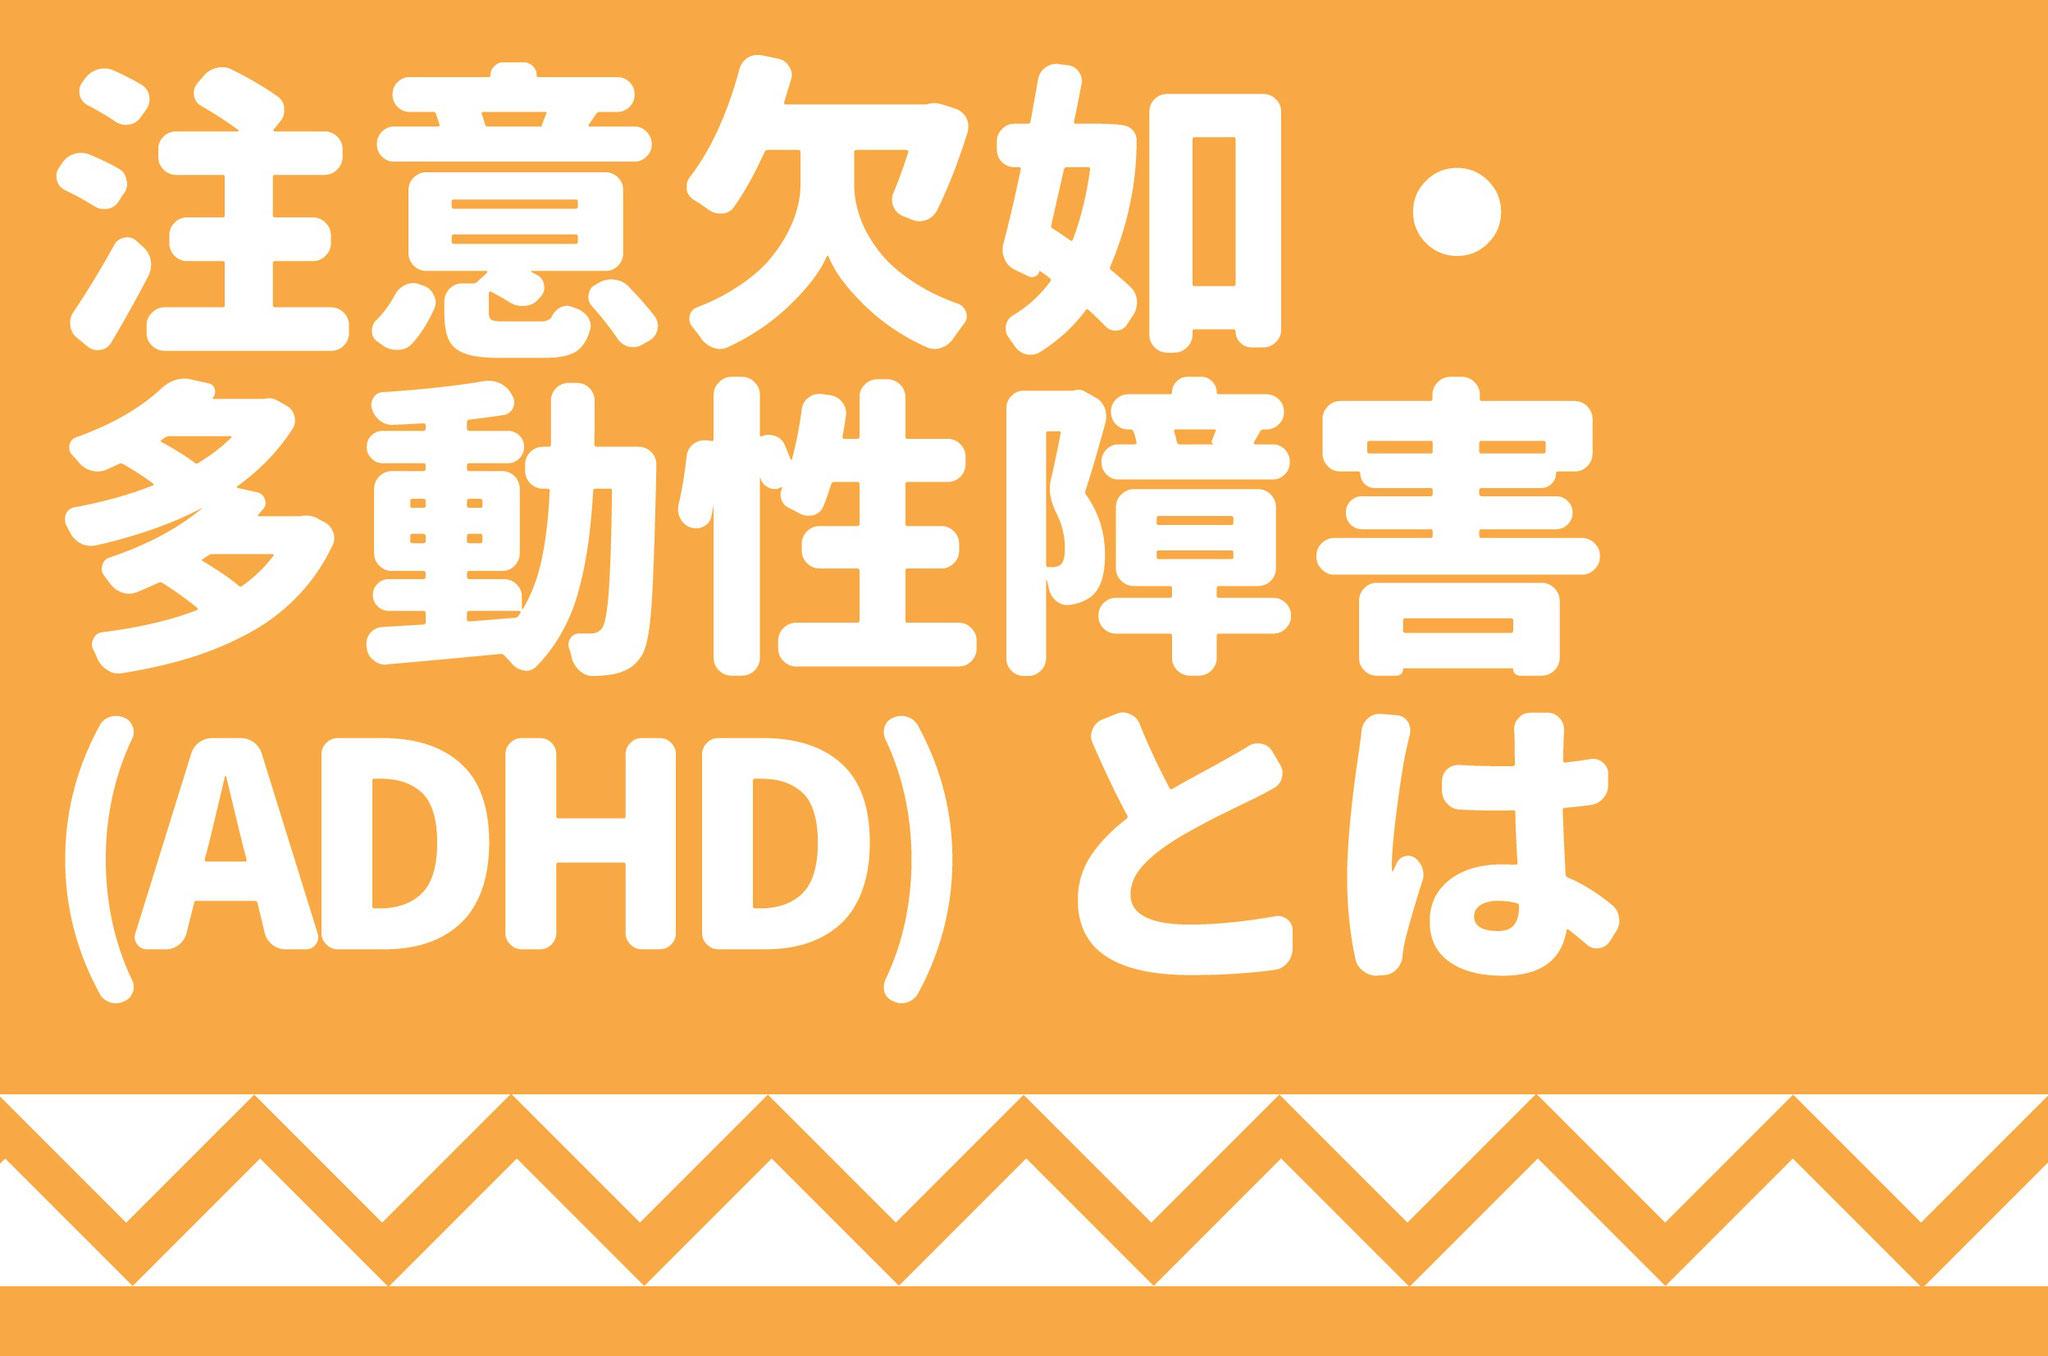 ADHDについて